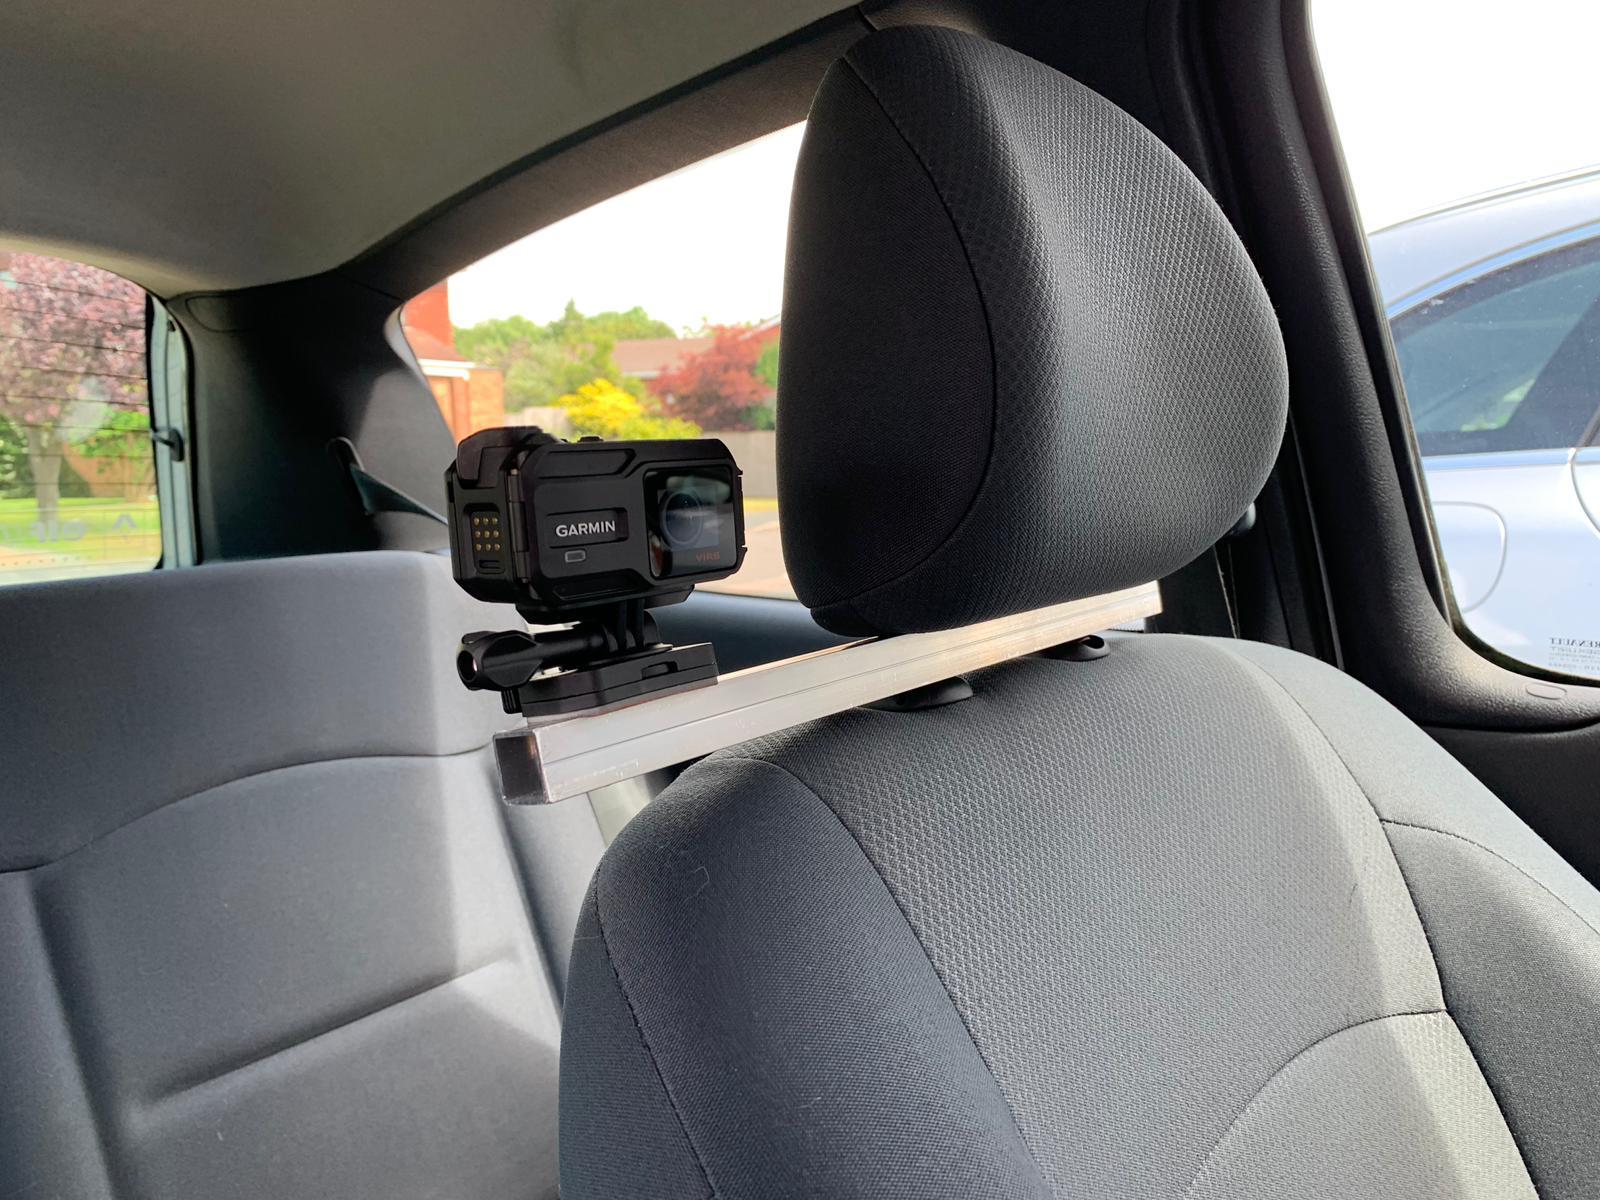 camera mount 3.jpg